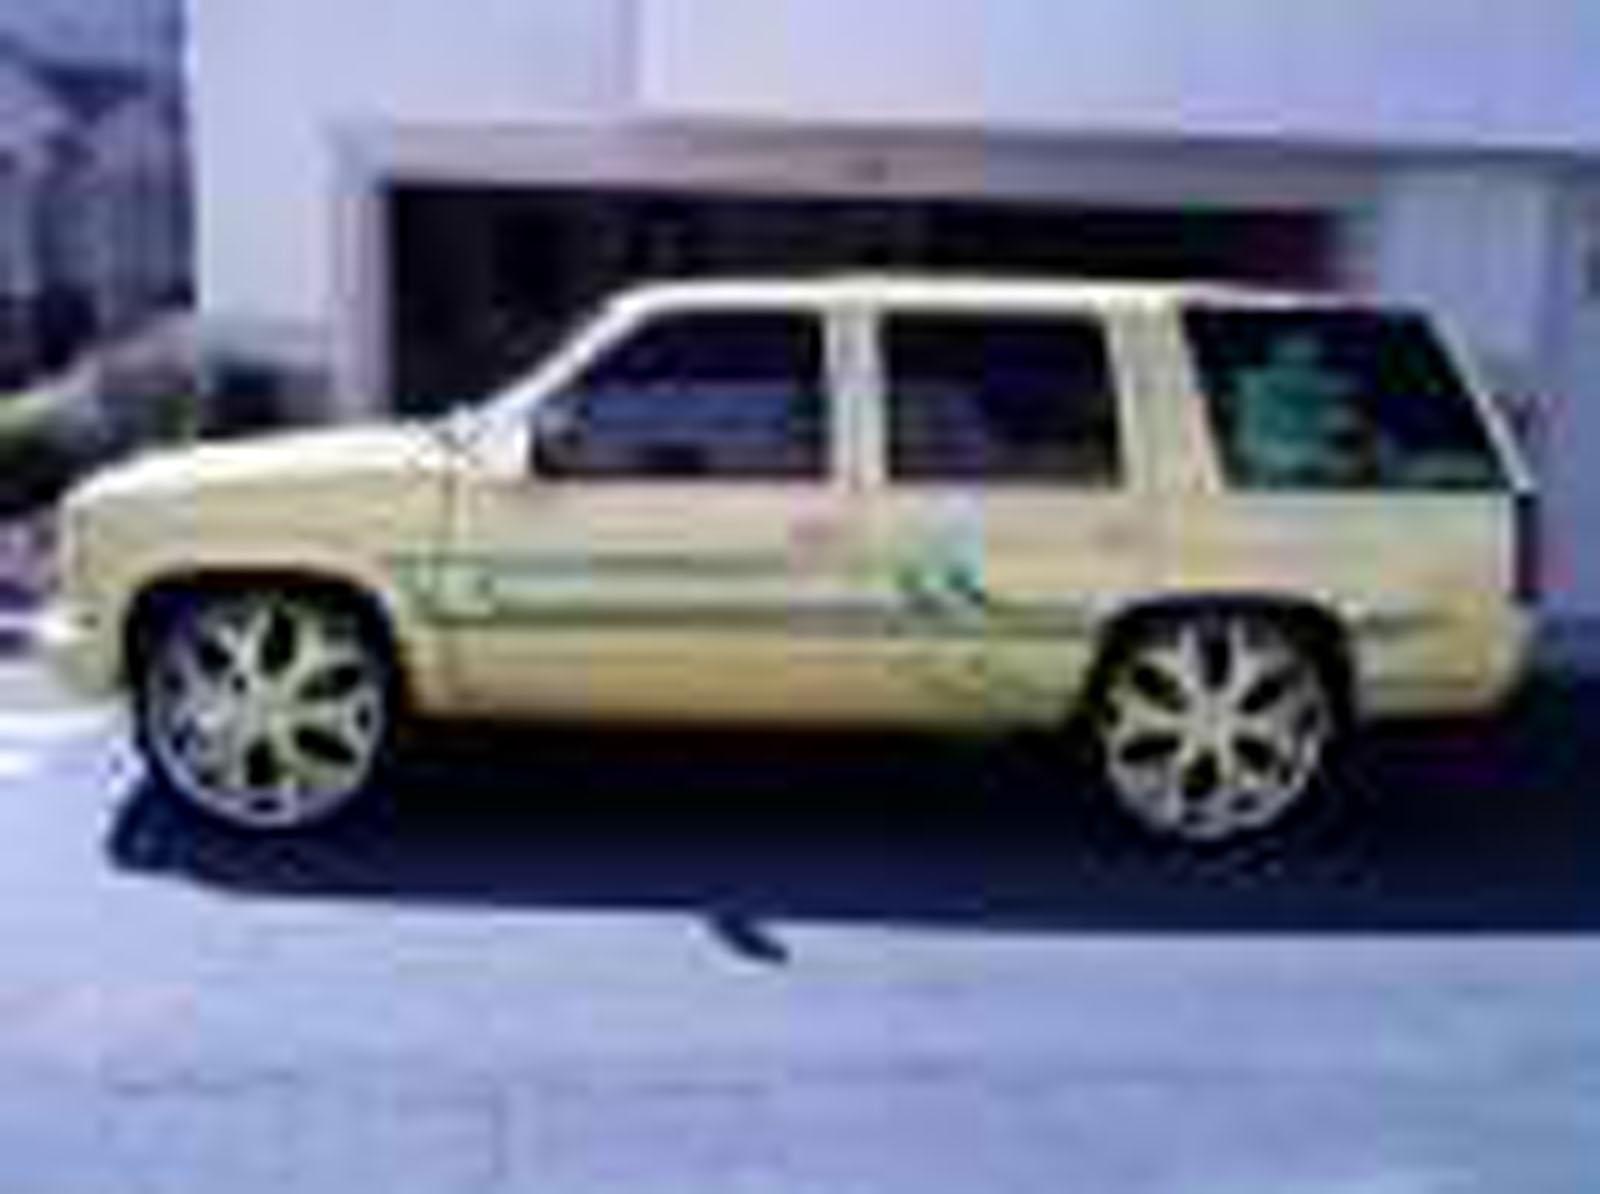 Tahoe 1995 chevy tahoe 4 door : 1995 Chevrolet Lemon Drop [Tahoe] LT For Sale | California